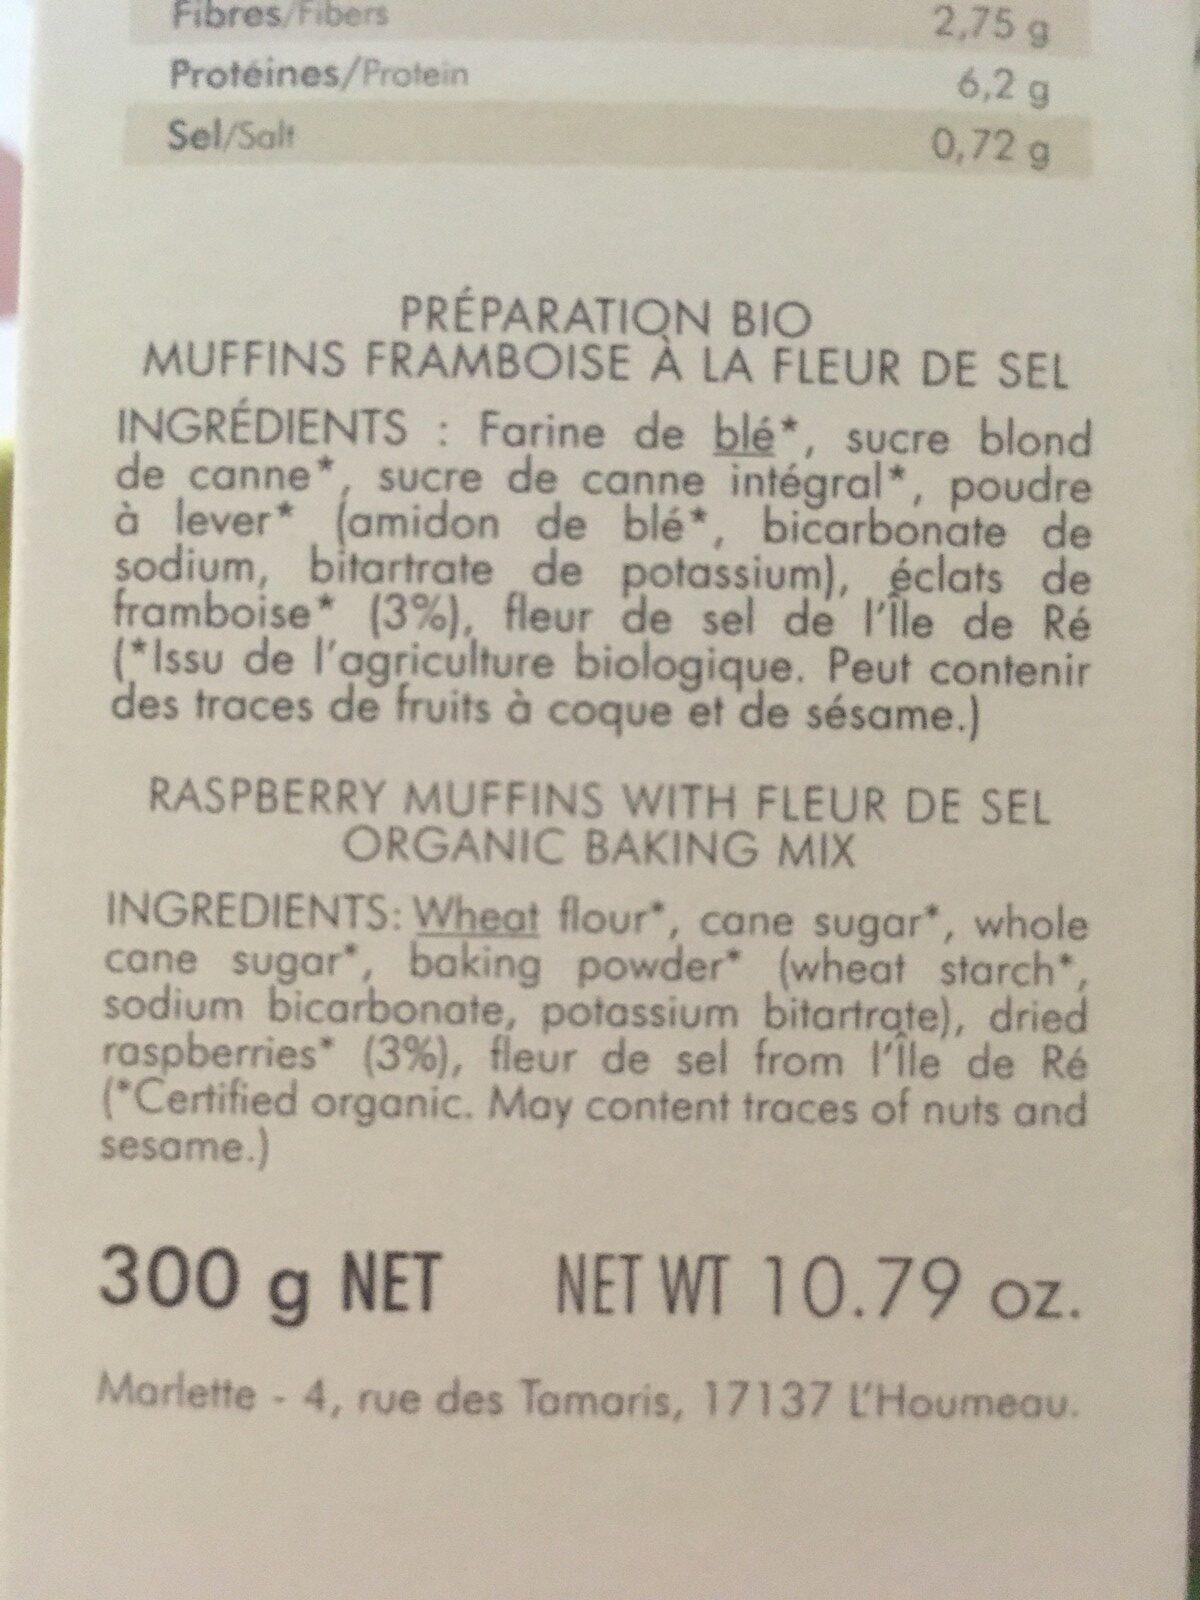 Muffins framboises a la fleur de sel de l'ile de ré - Ingrédients - fr